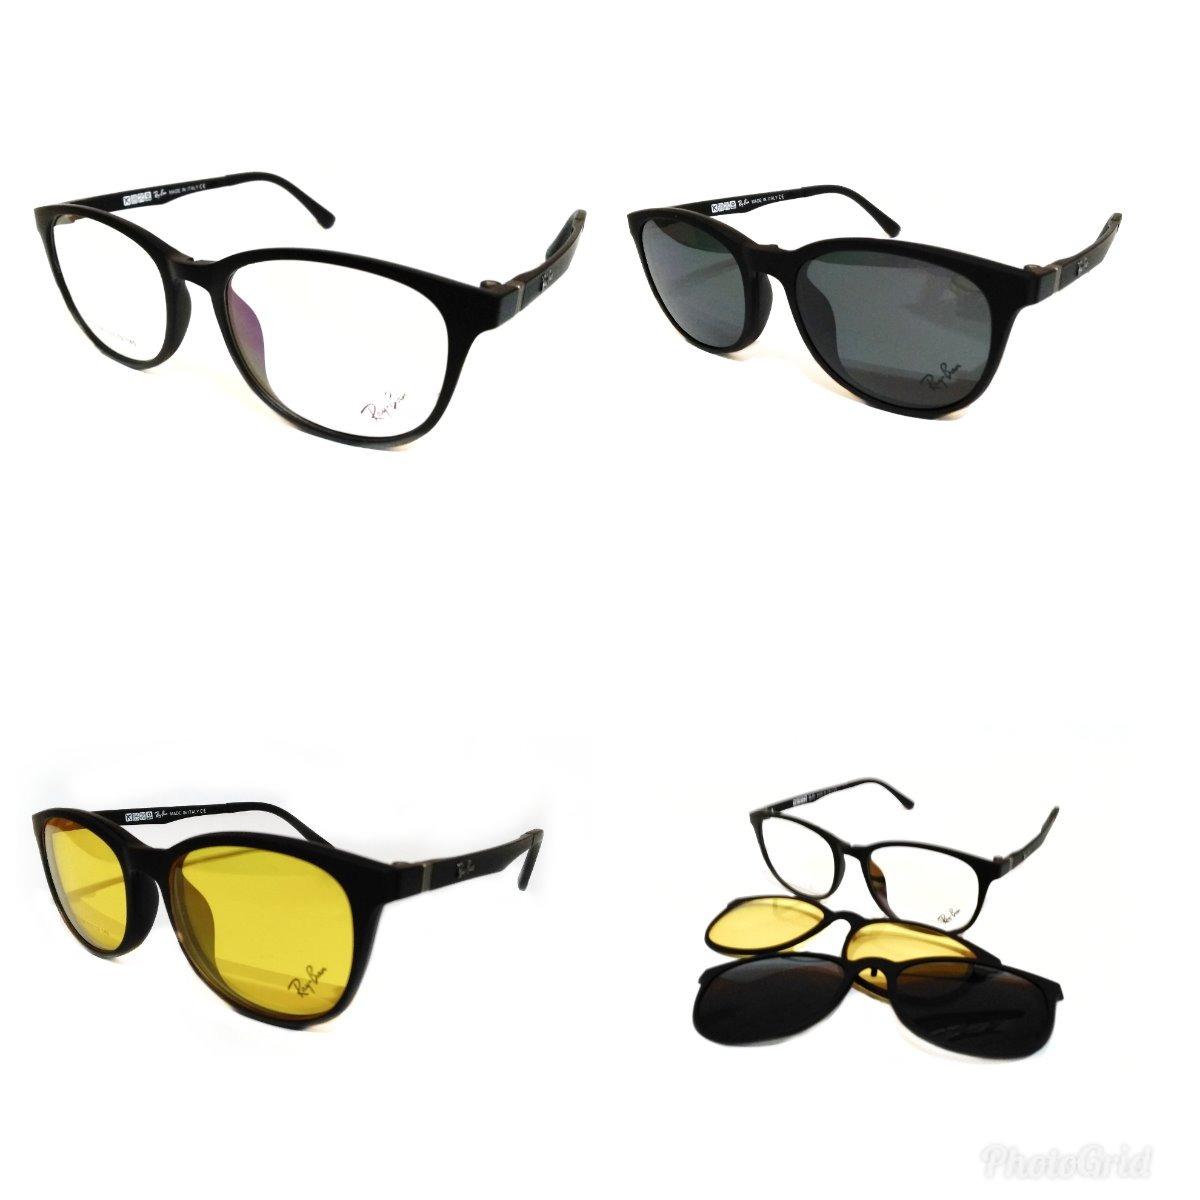 64ce5dcbdc684 r2096 oculos grau sol ray-ban redondo 2clipon envio em 24h. Carregando zoom.